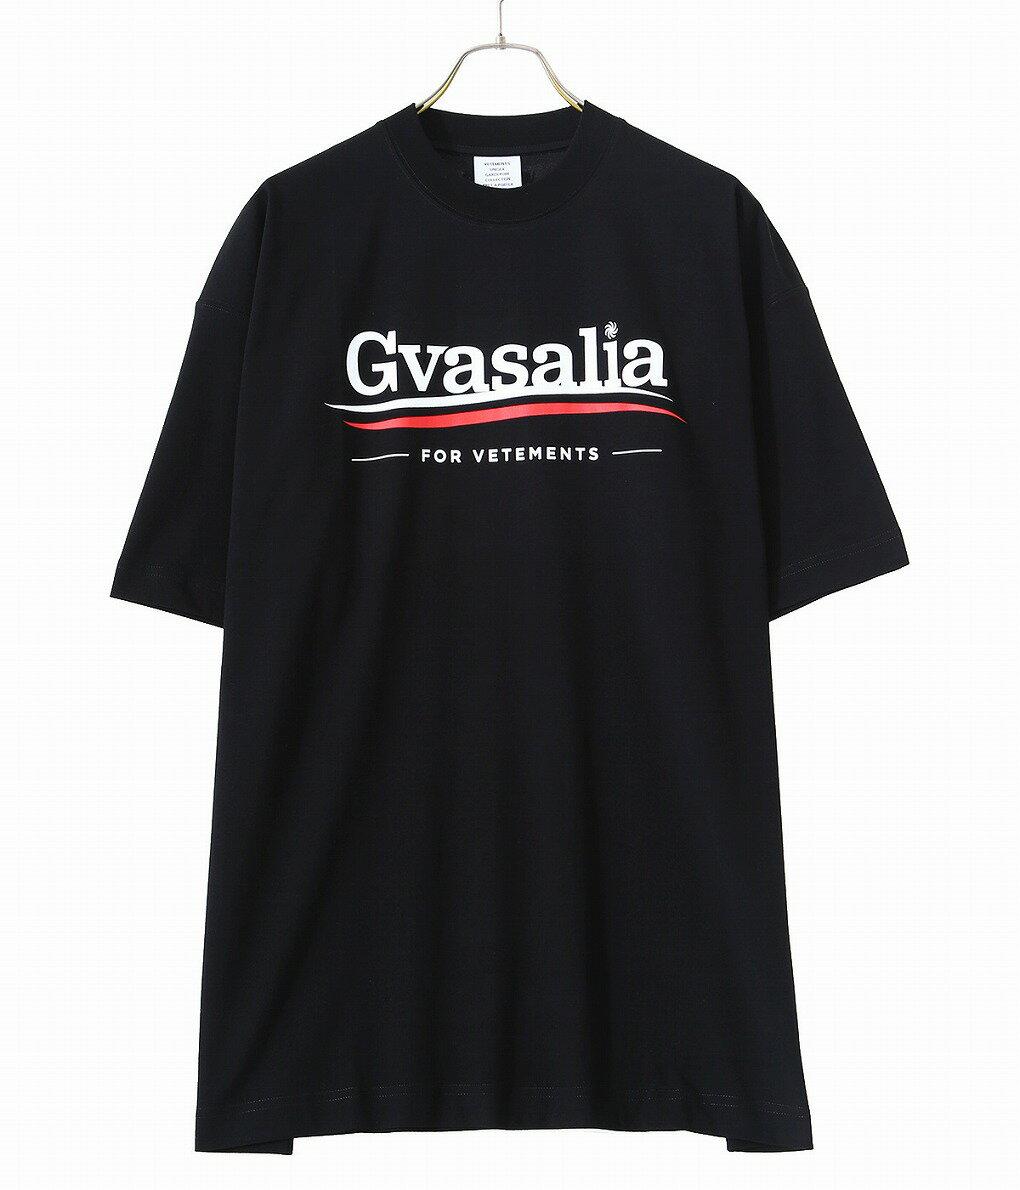 トップス, Tシャツ・カットソー VETEMENTS : GVASALIA FOR VETEMENTS T-SHIRT 2 : T T : UA52TR220RIP